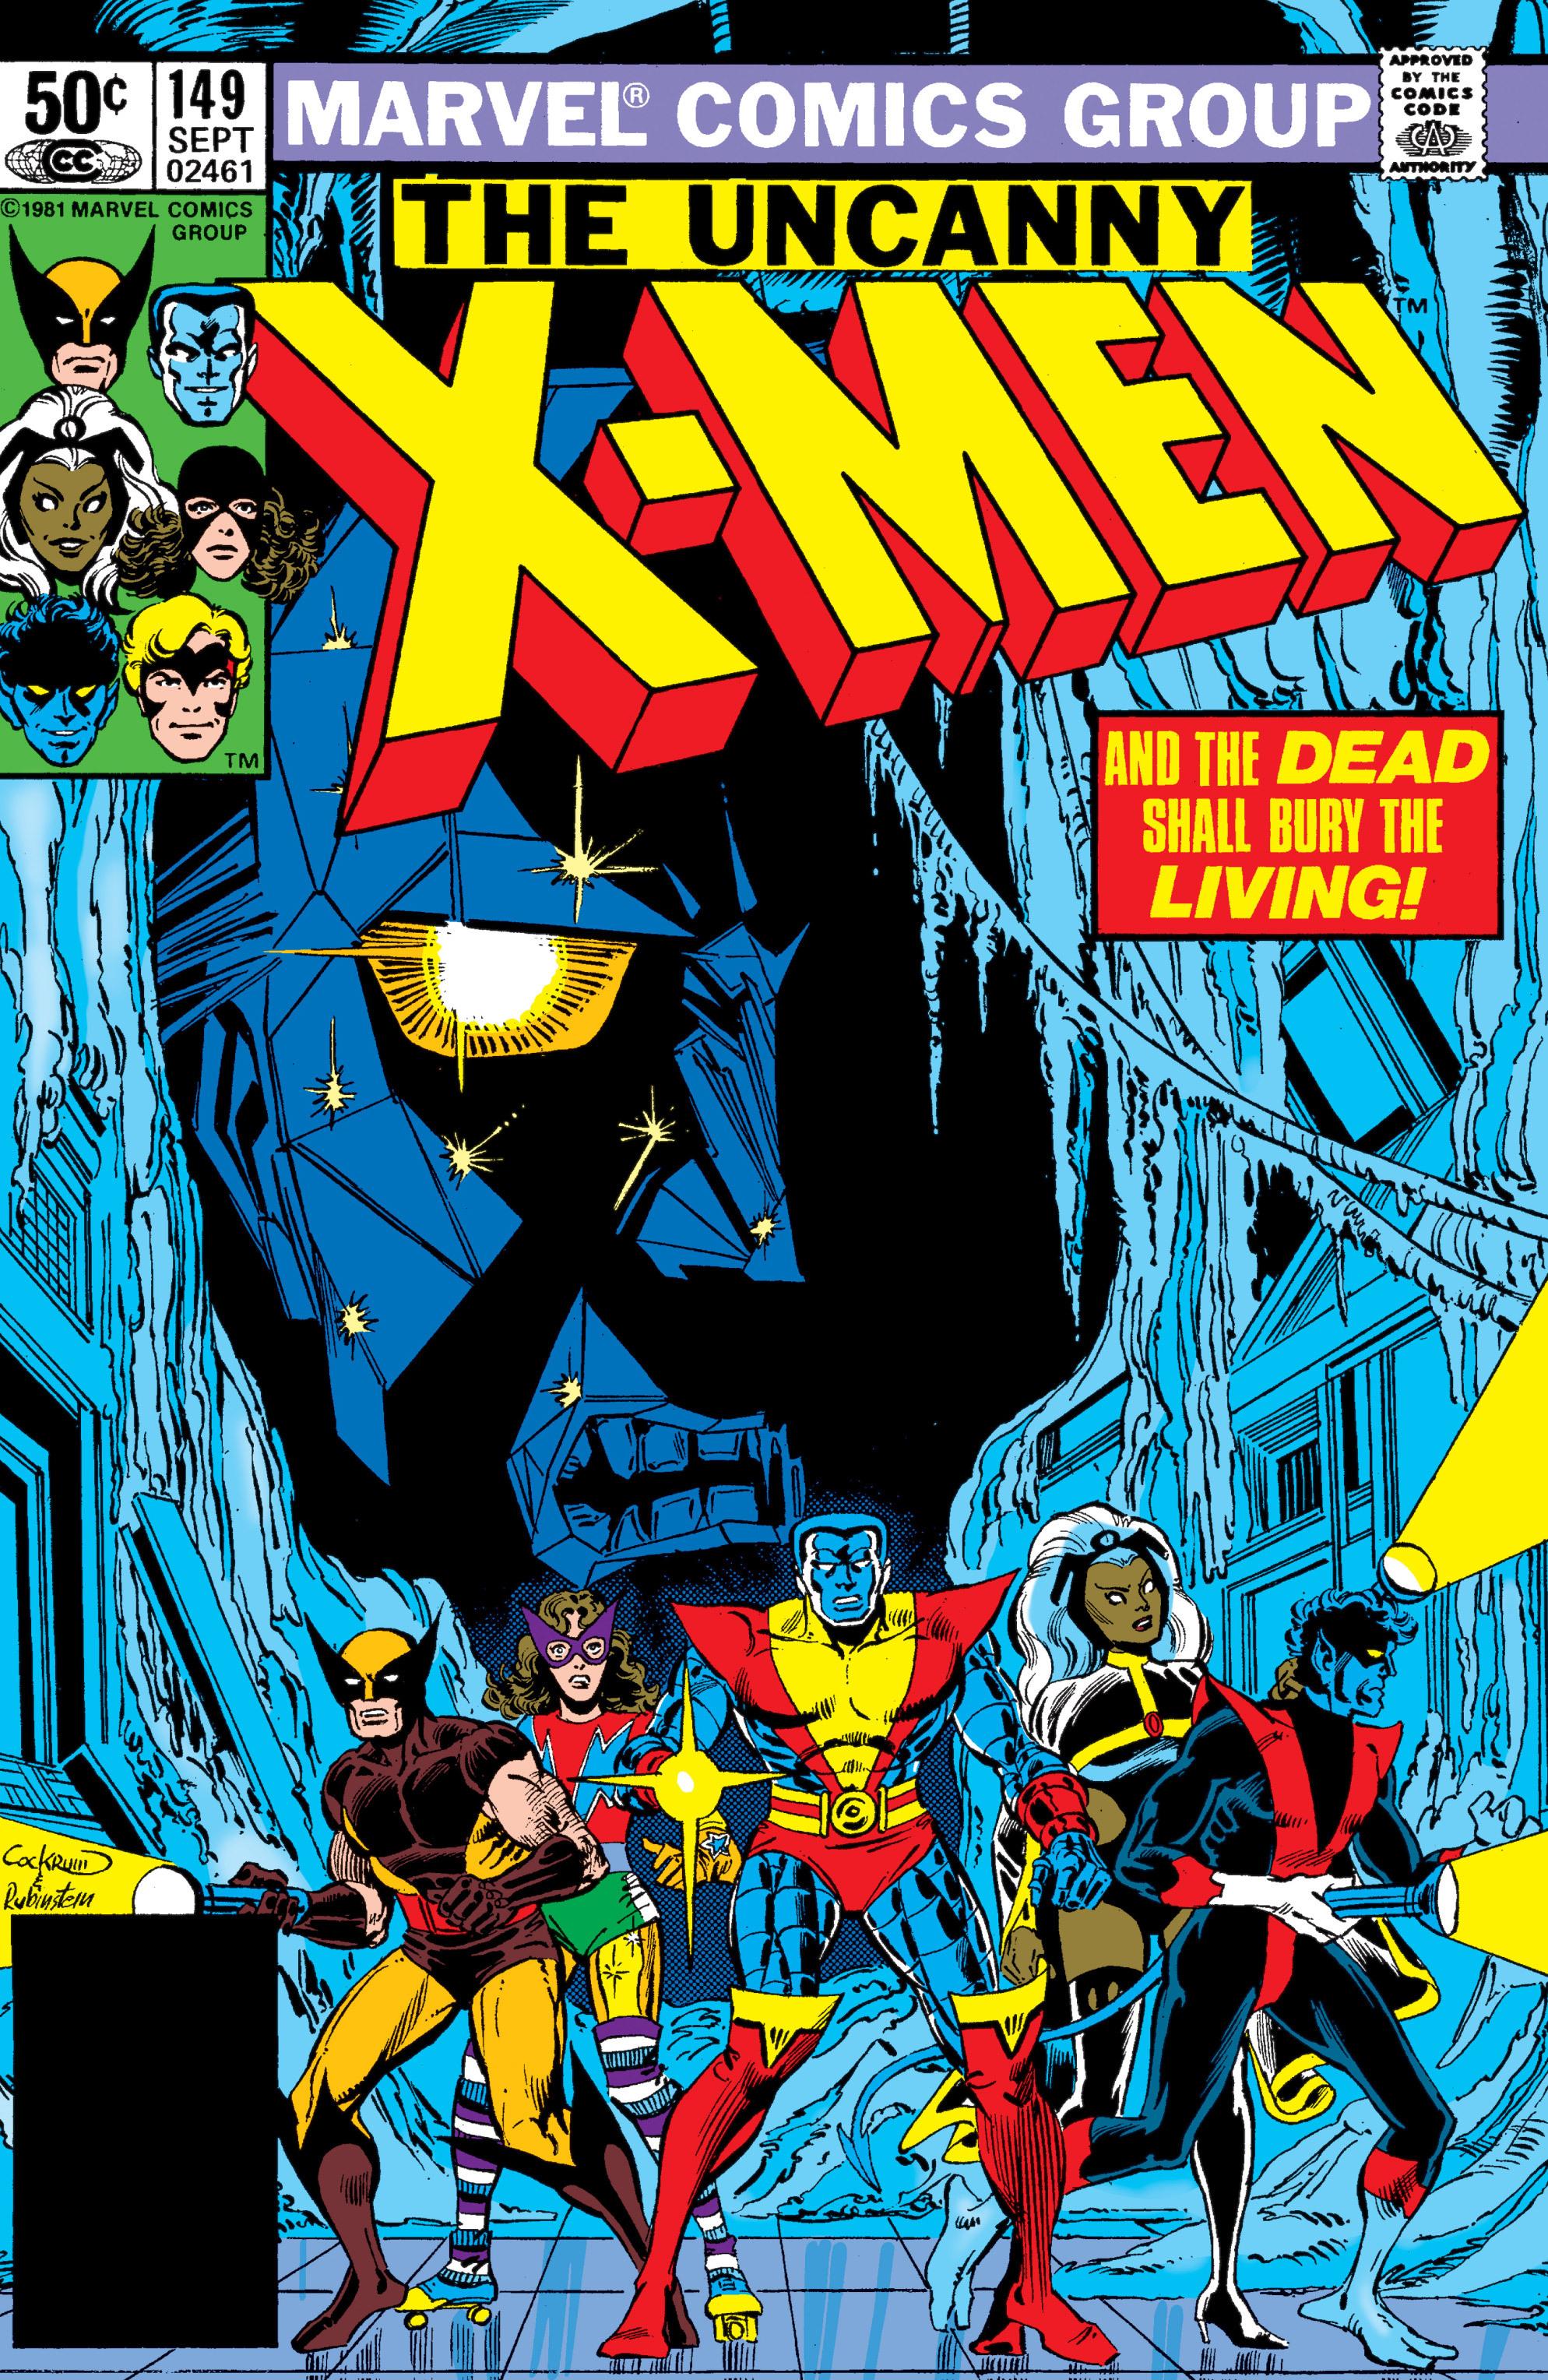 Uncanny X-Men (1963) 149 Page 1